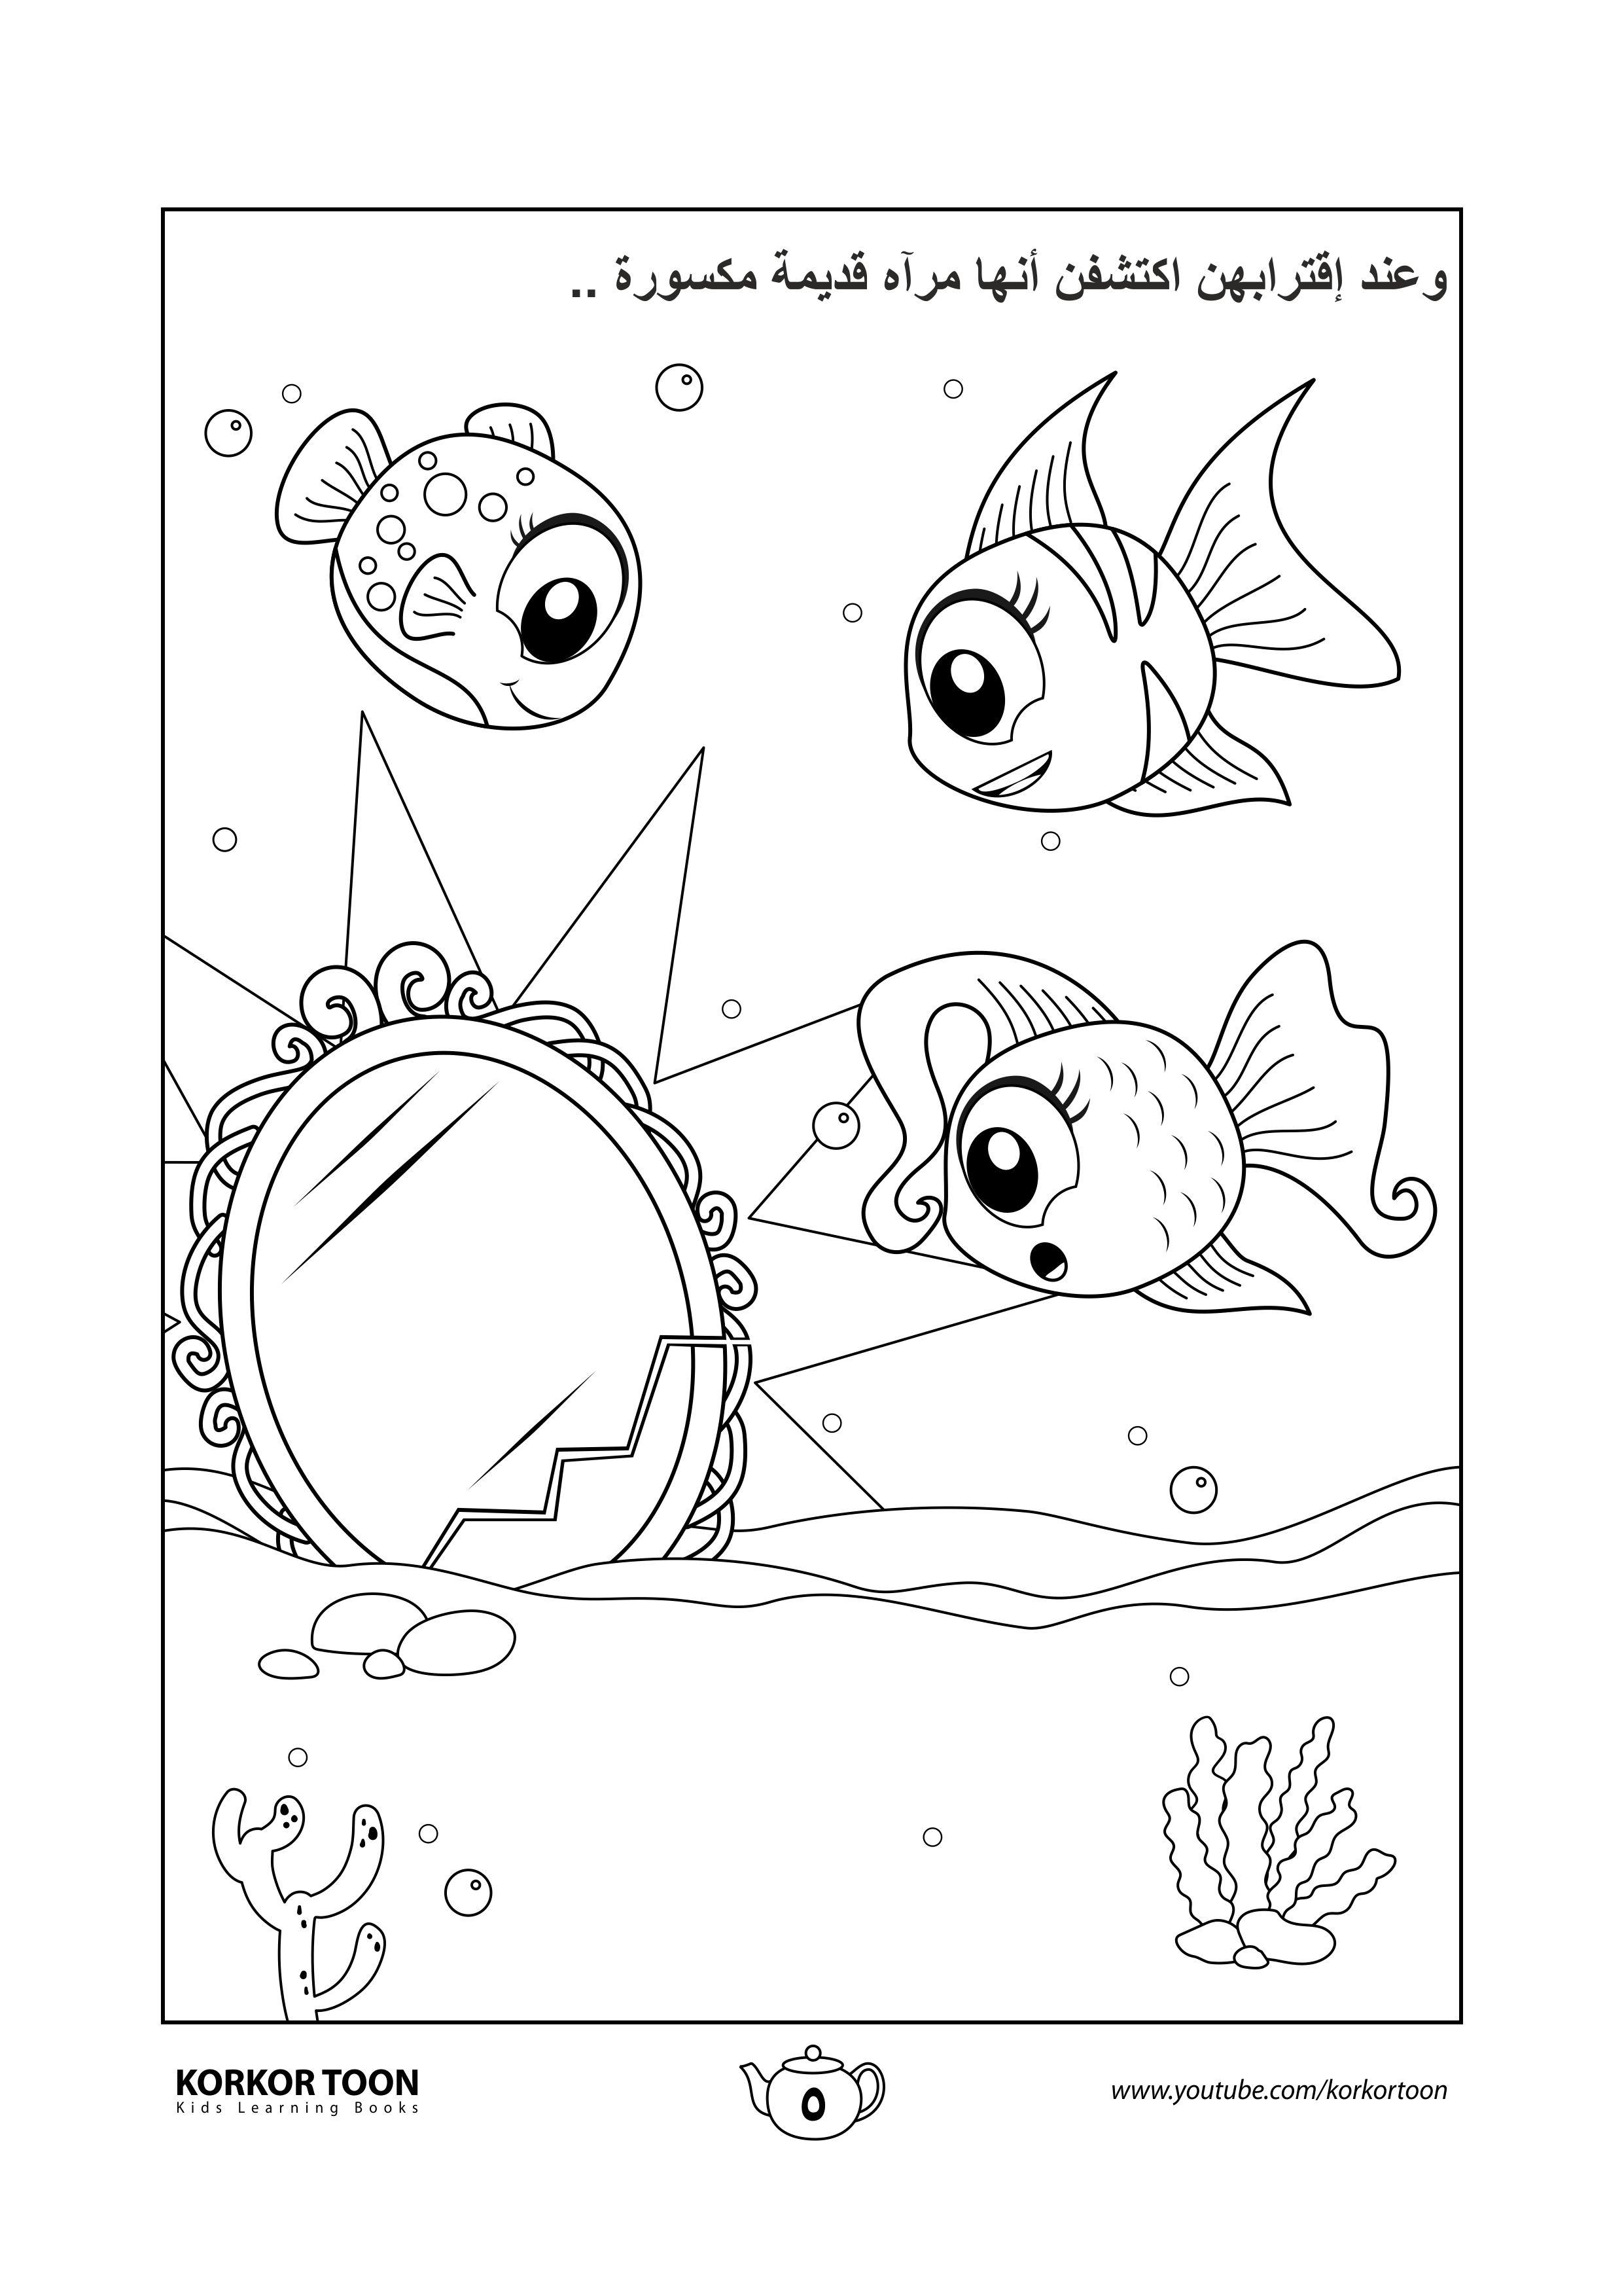 كتاب تلوين قصة السمكة المميزة صفحة 5 In 2021 Coloring Books Color Books